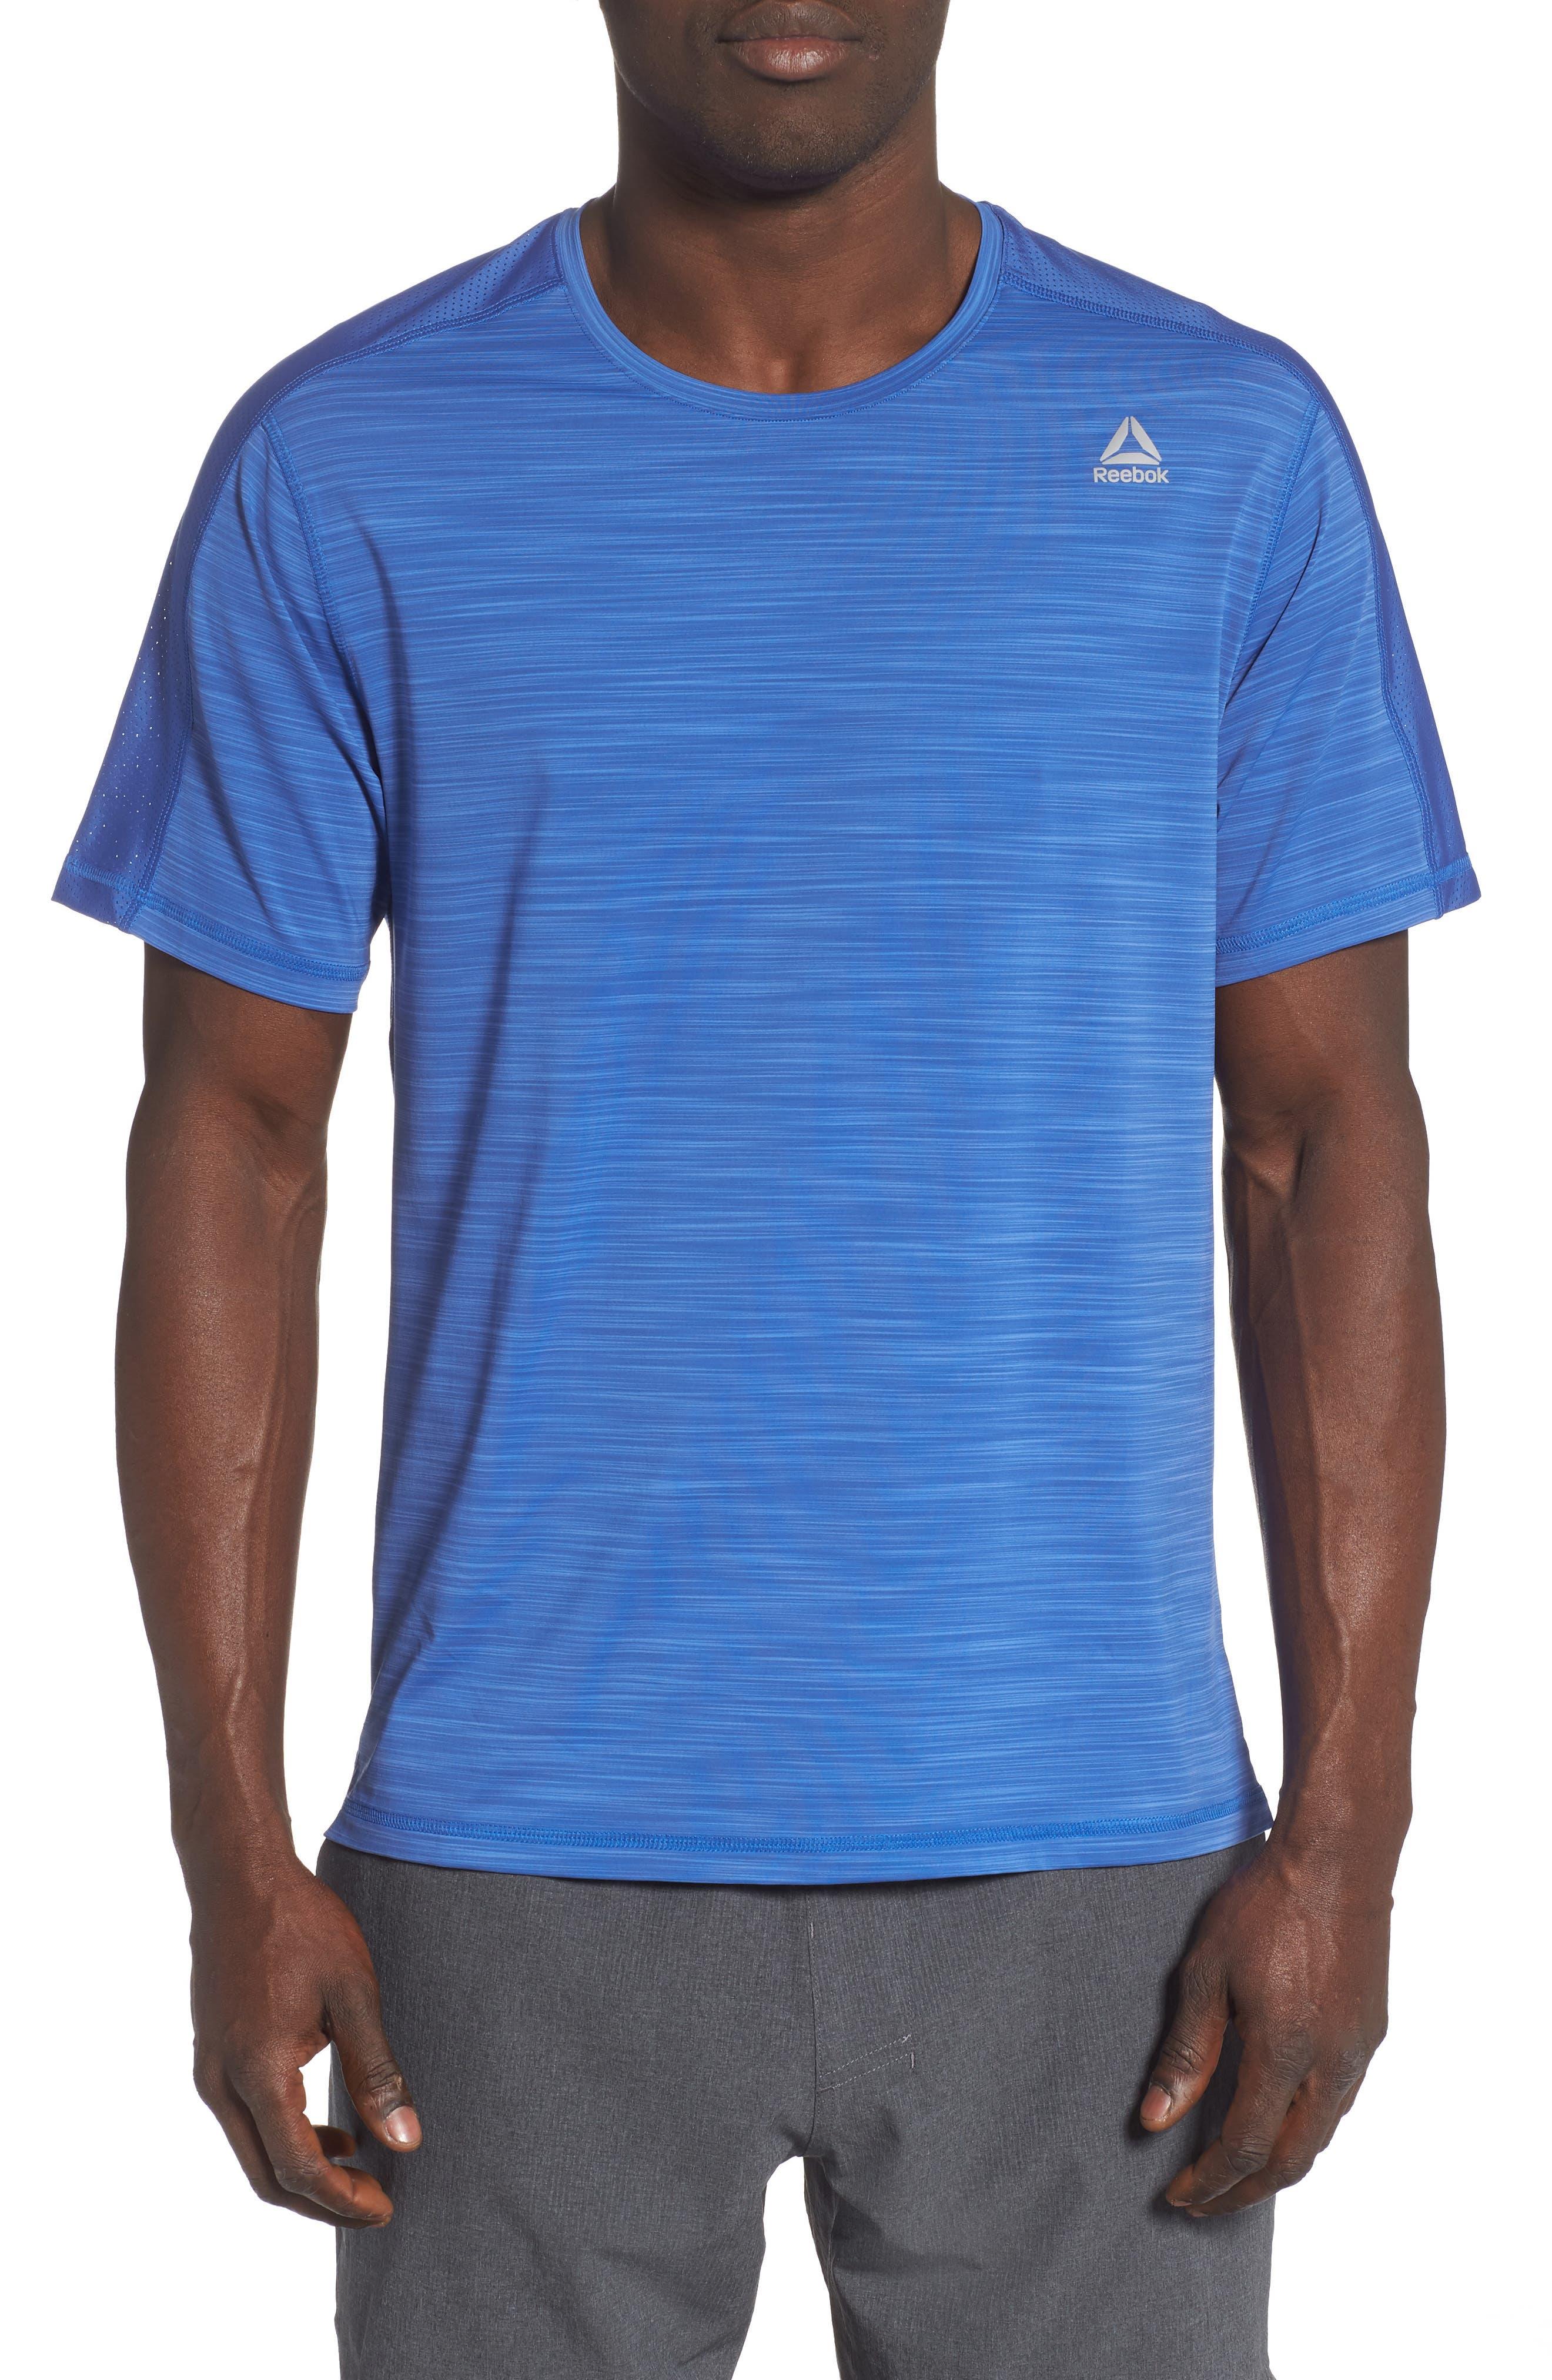 Reebok Ost Activchill Move T-Shirt, Blue